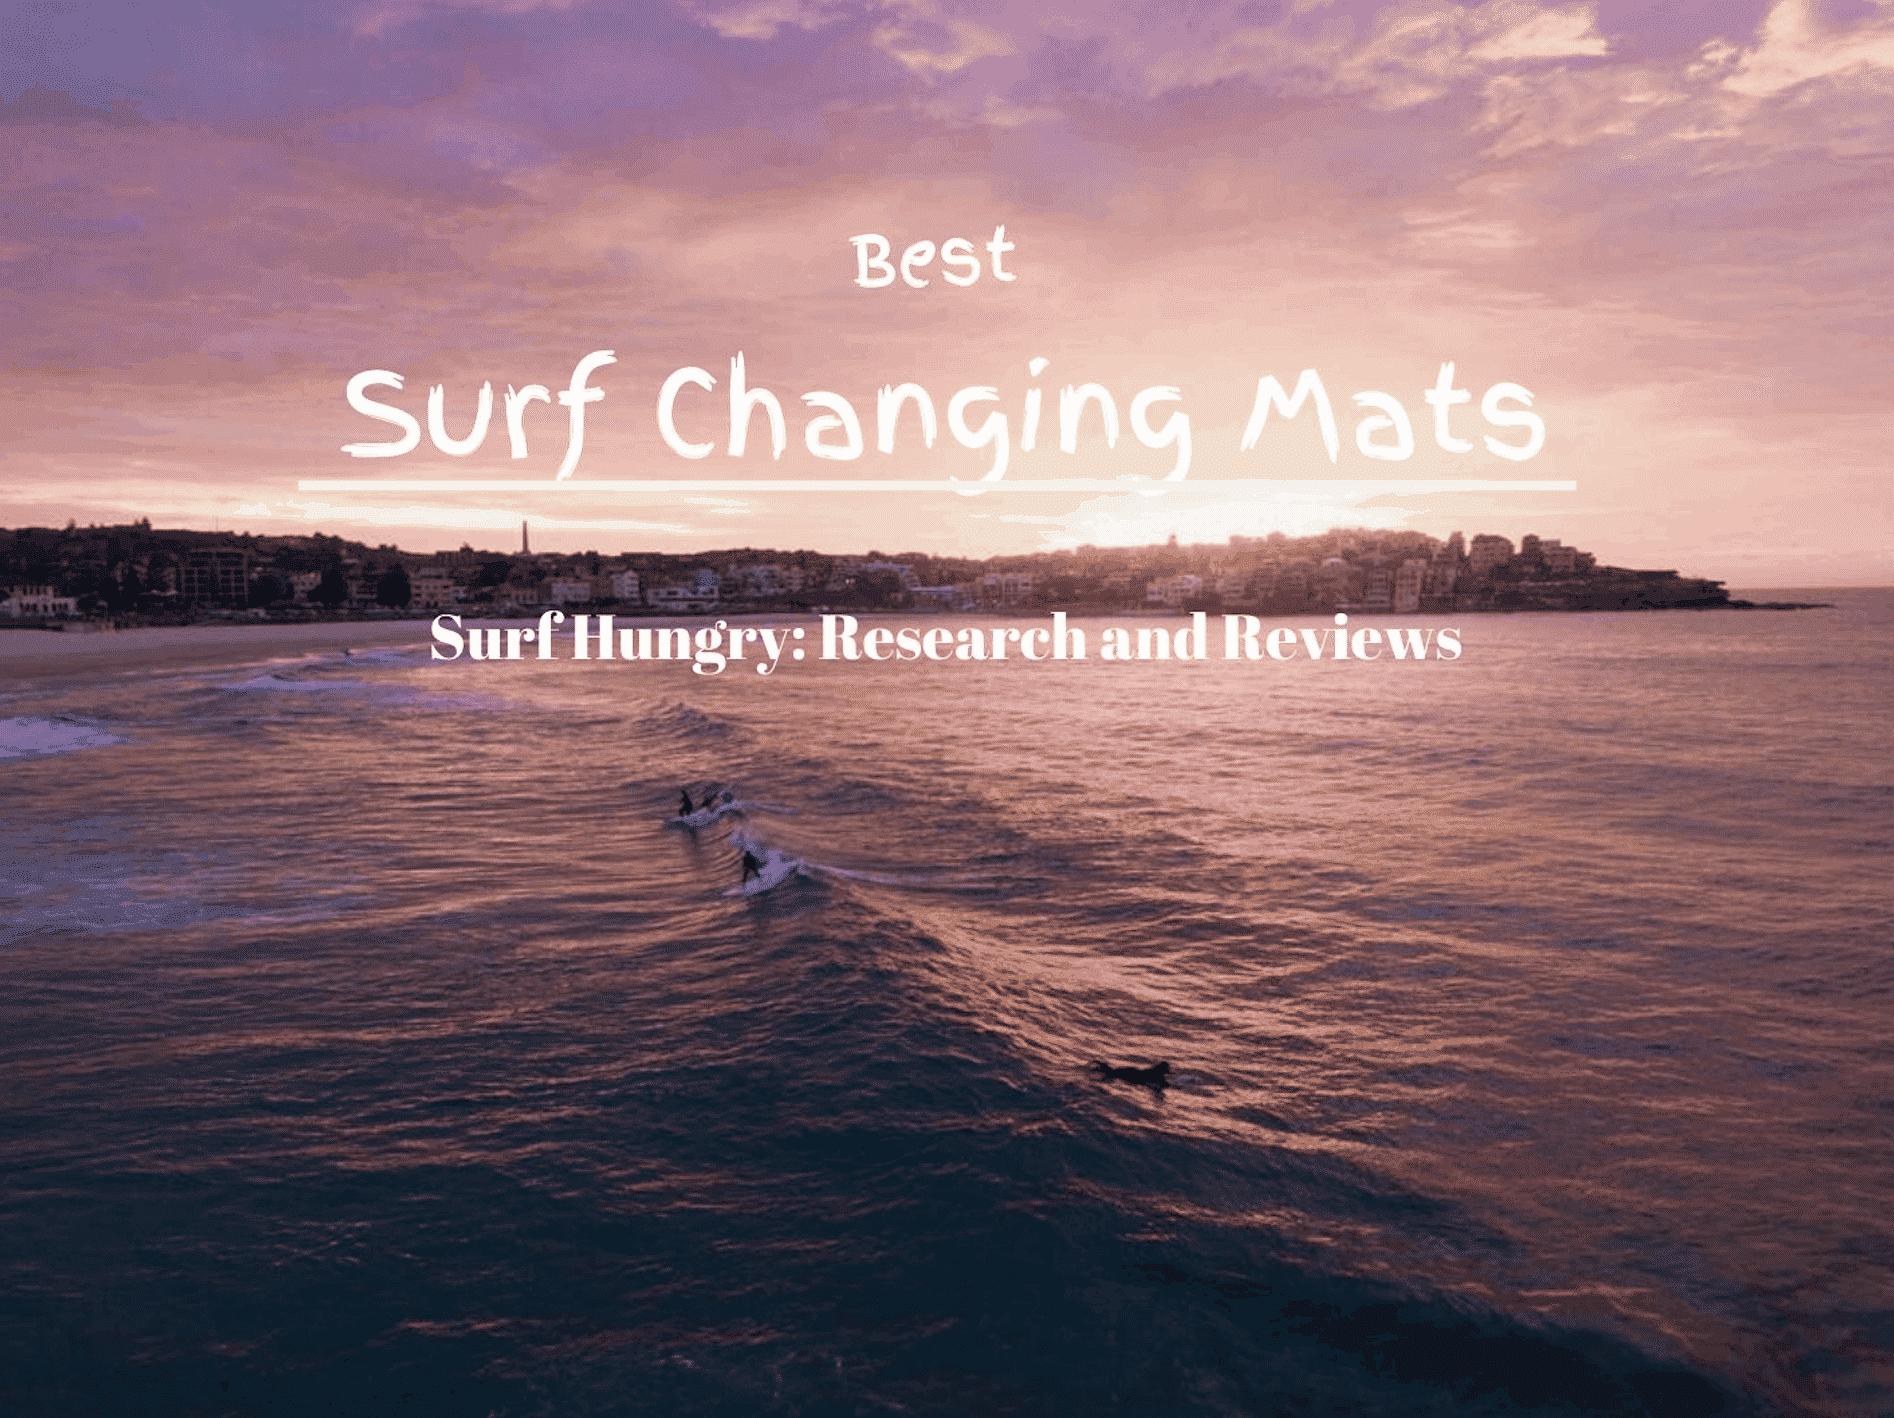 best surf changing mats